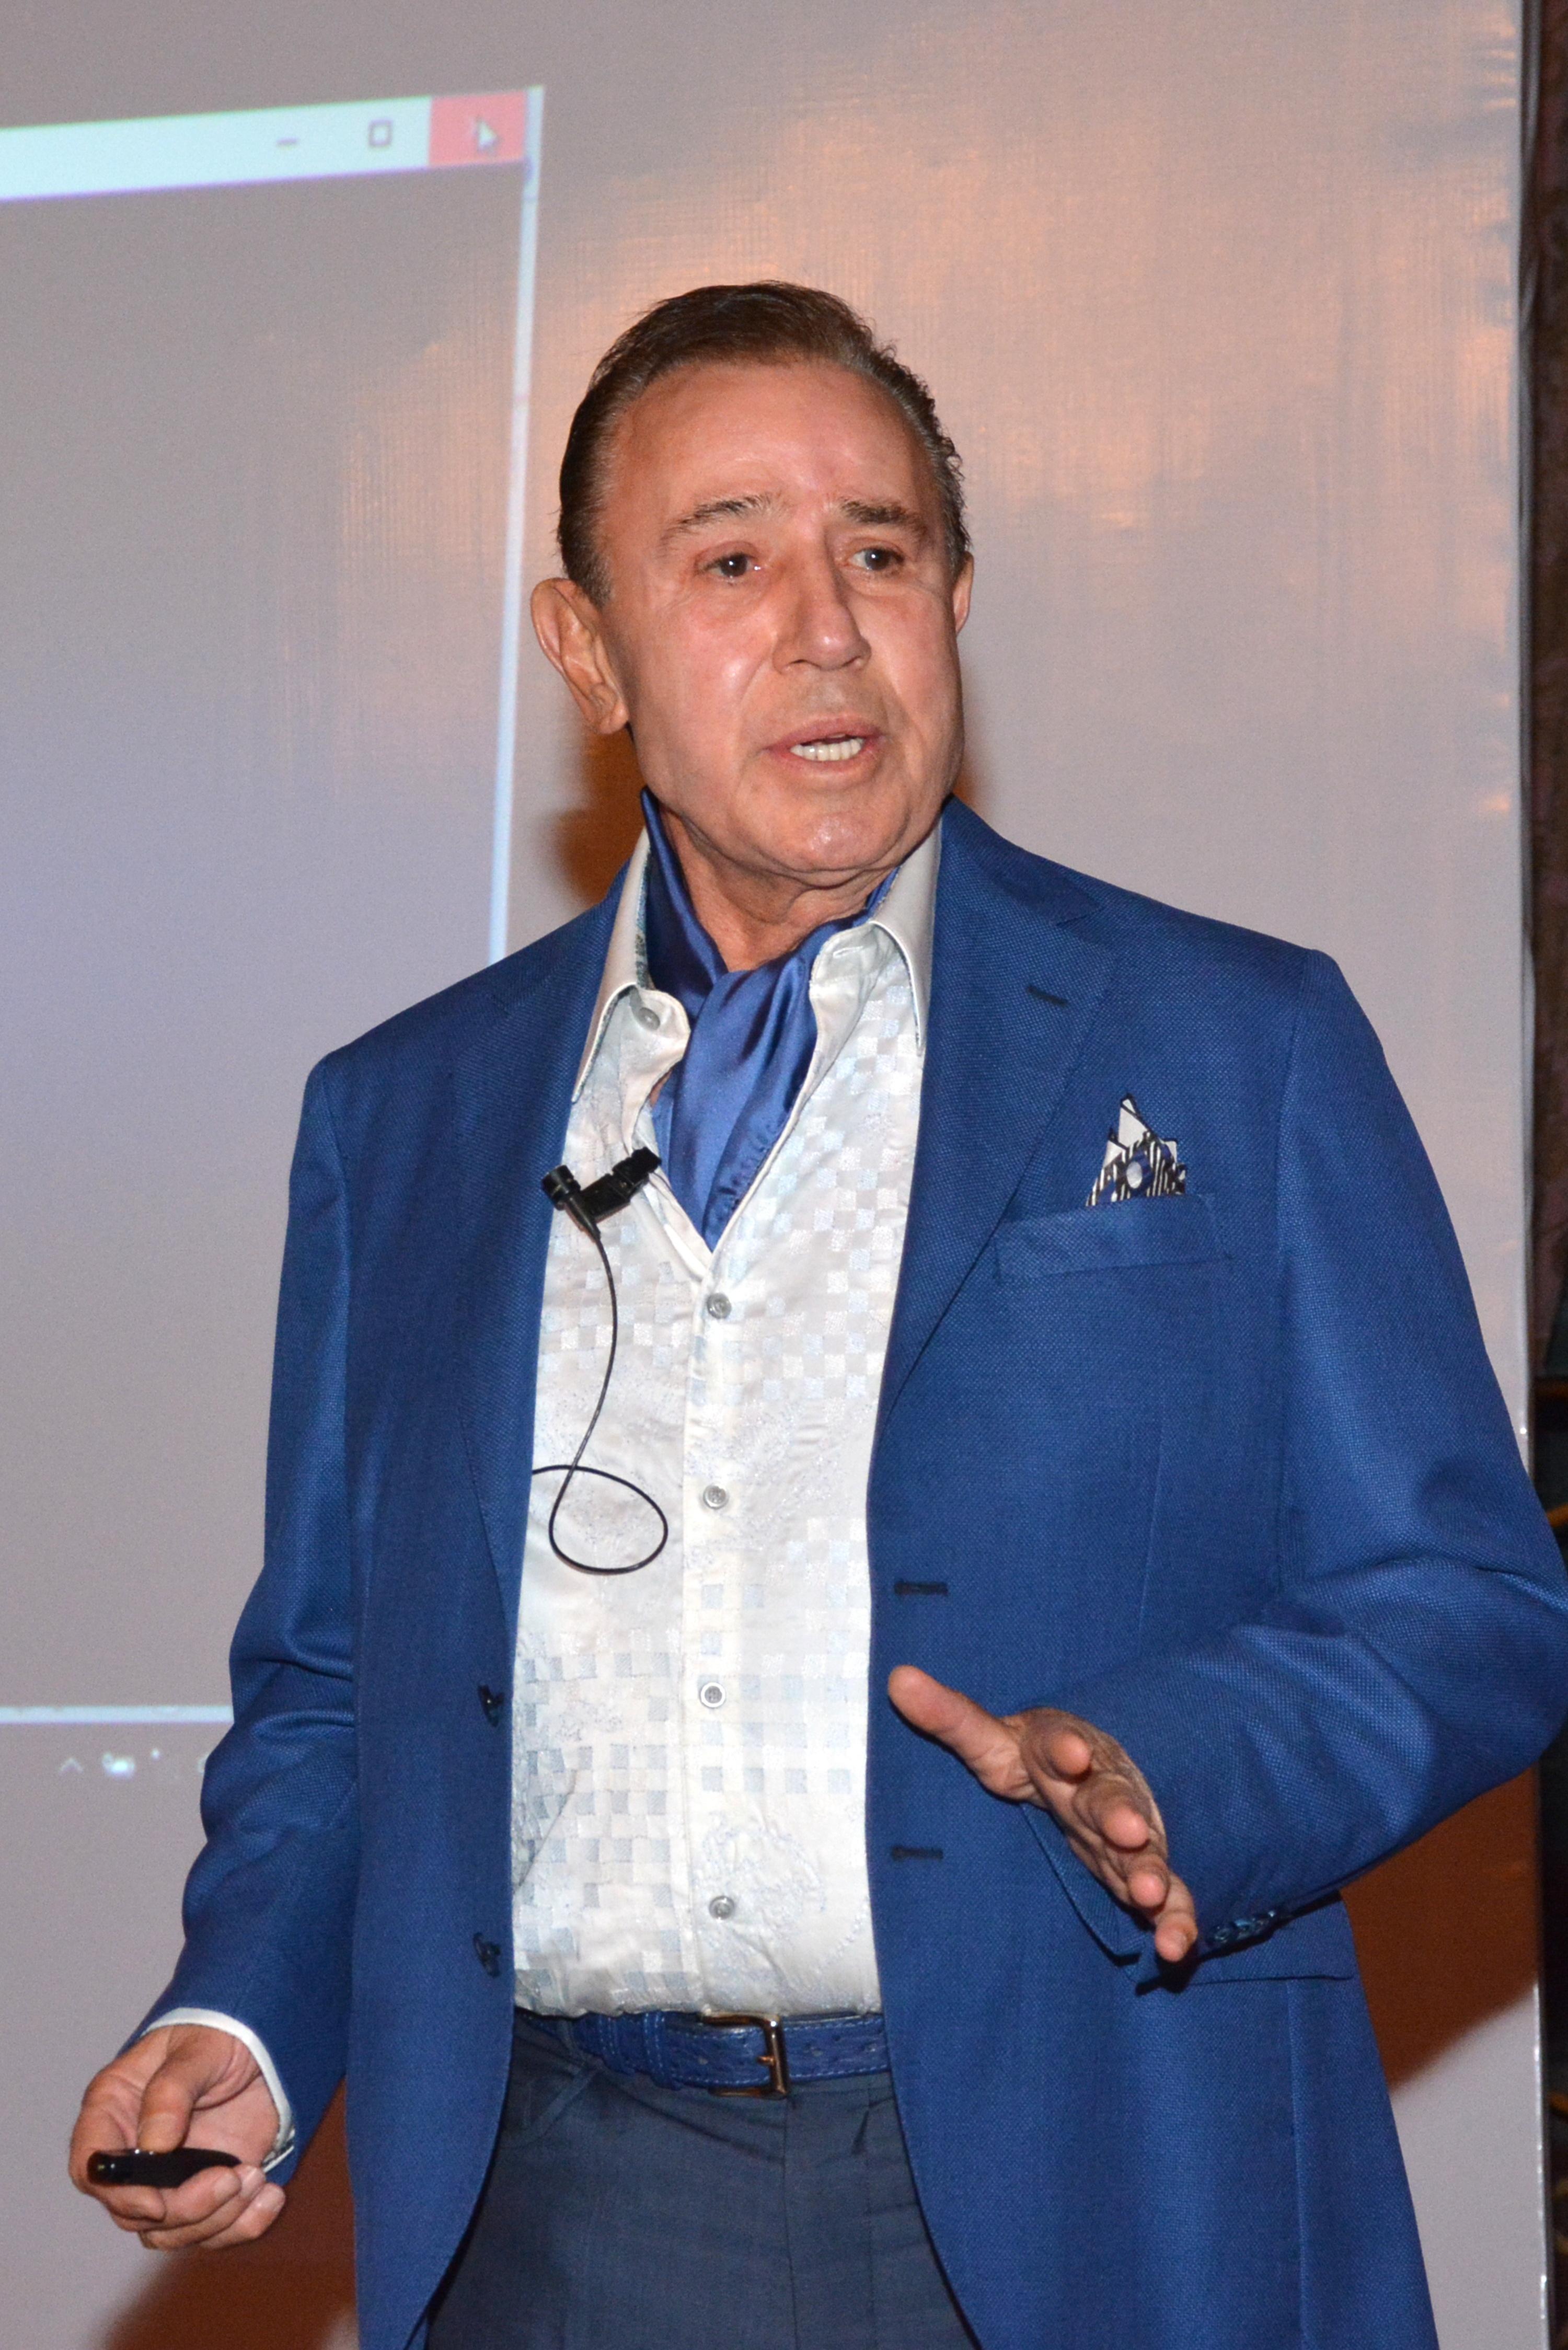 Dr. Obagi